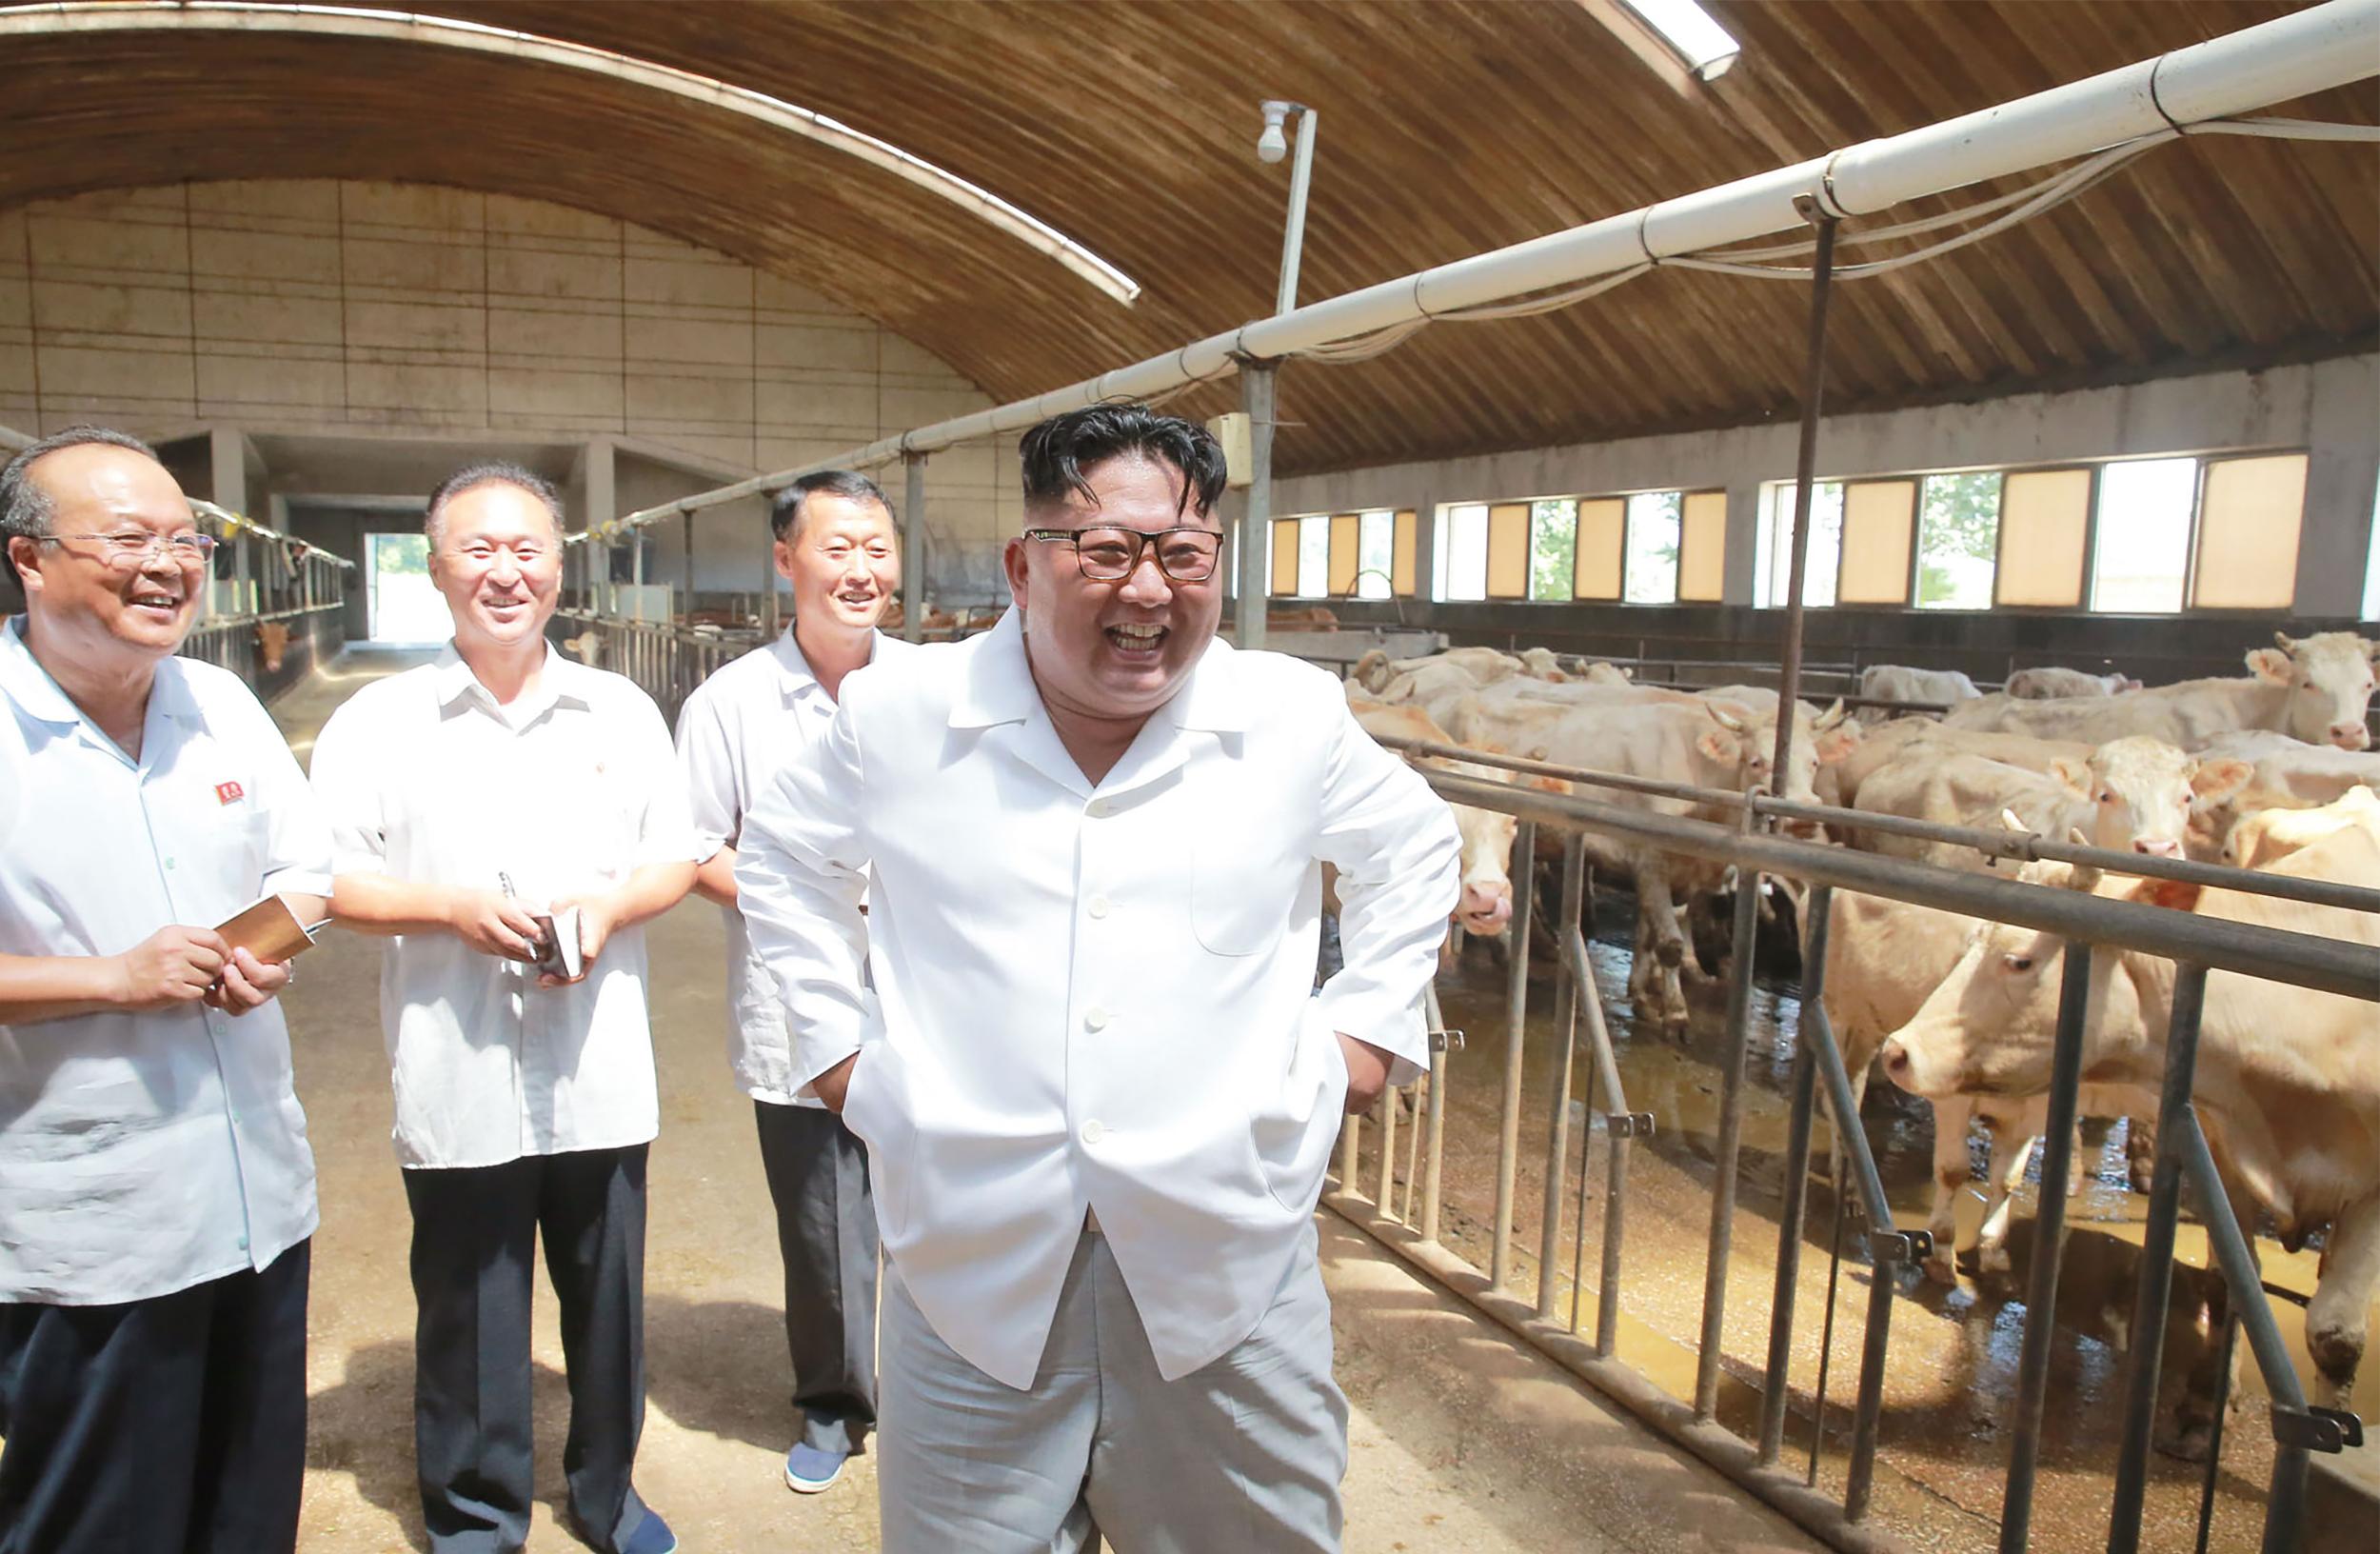 Katasztrofális élelmiszerválság vár Észak-Koreára